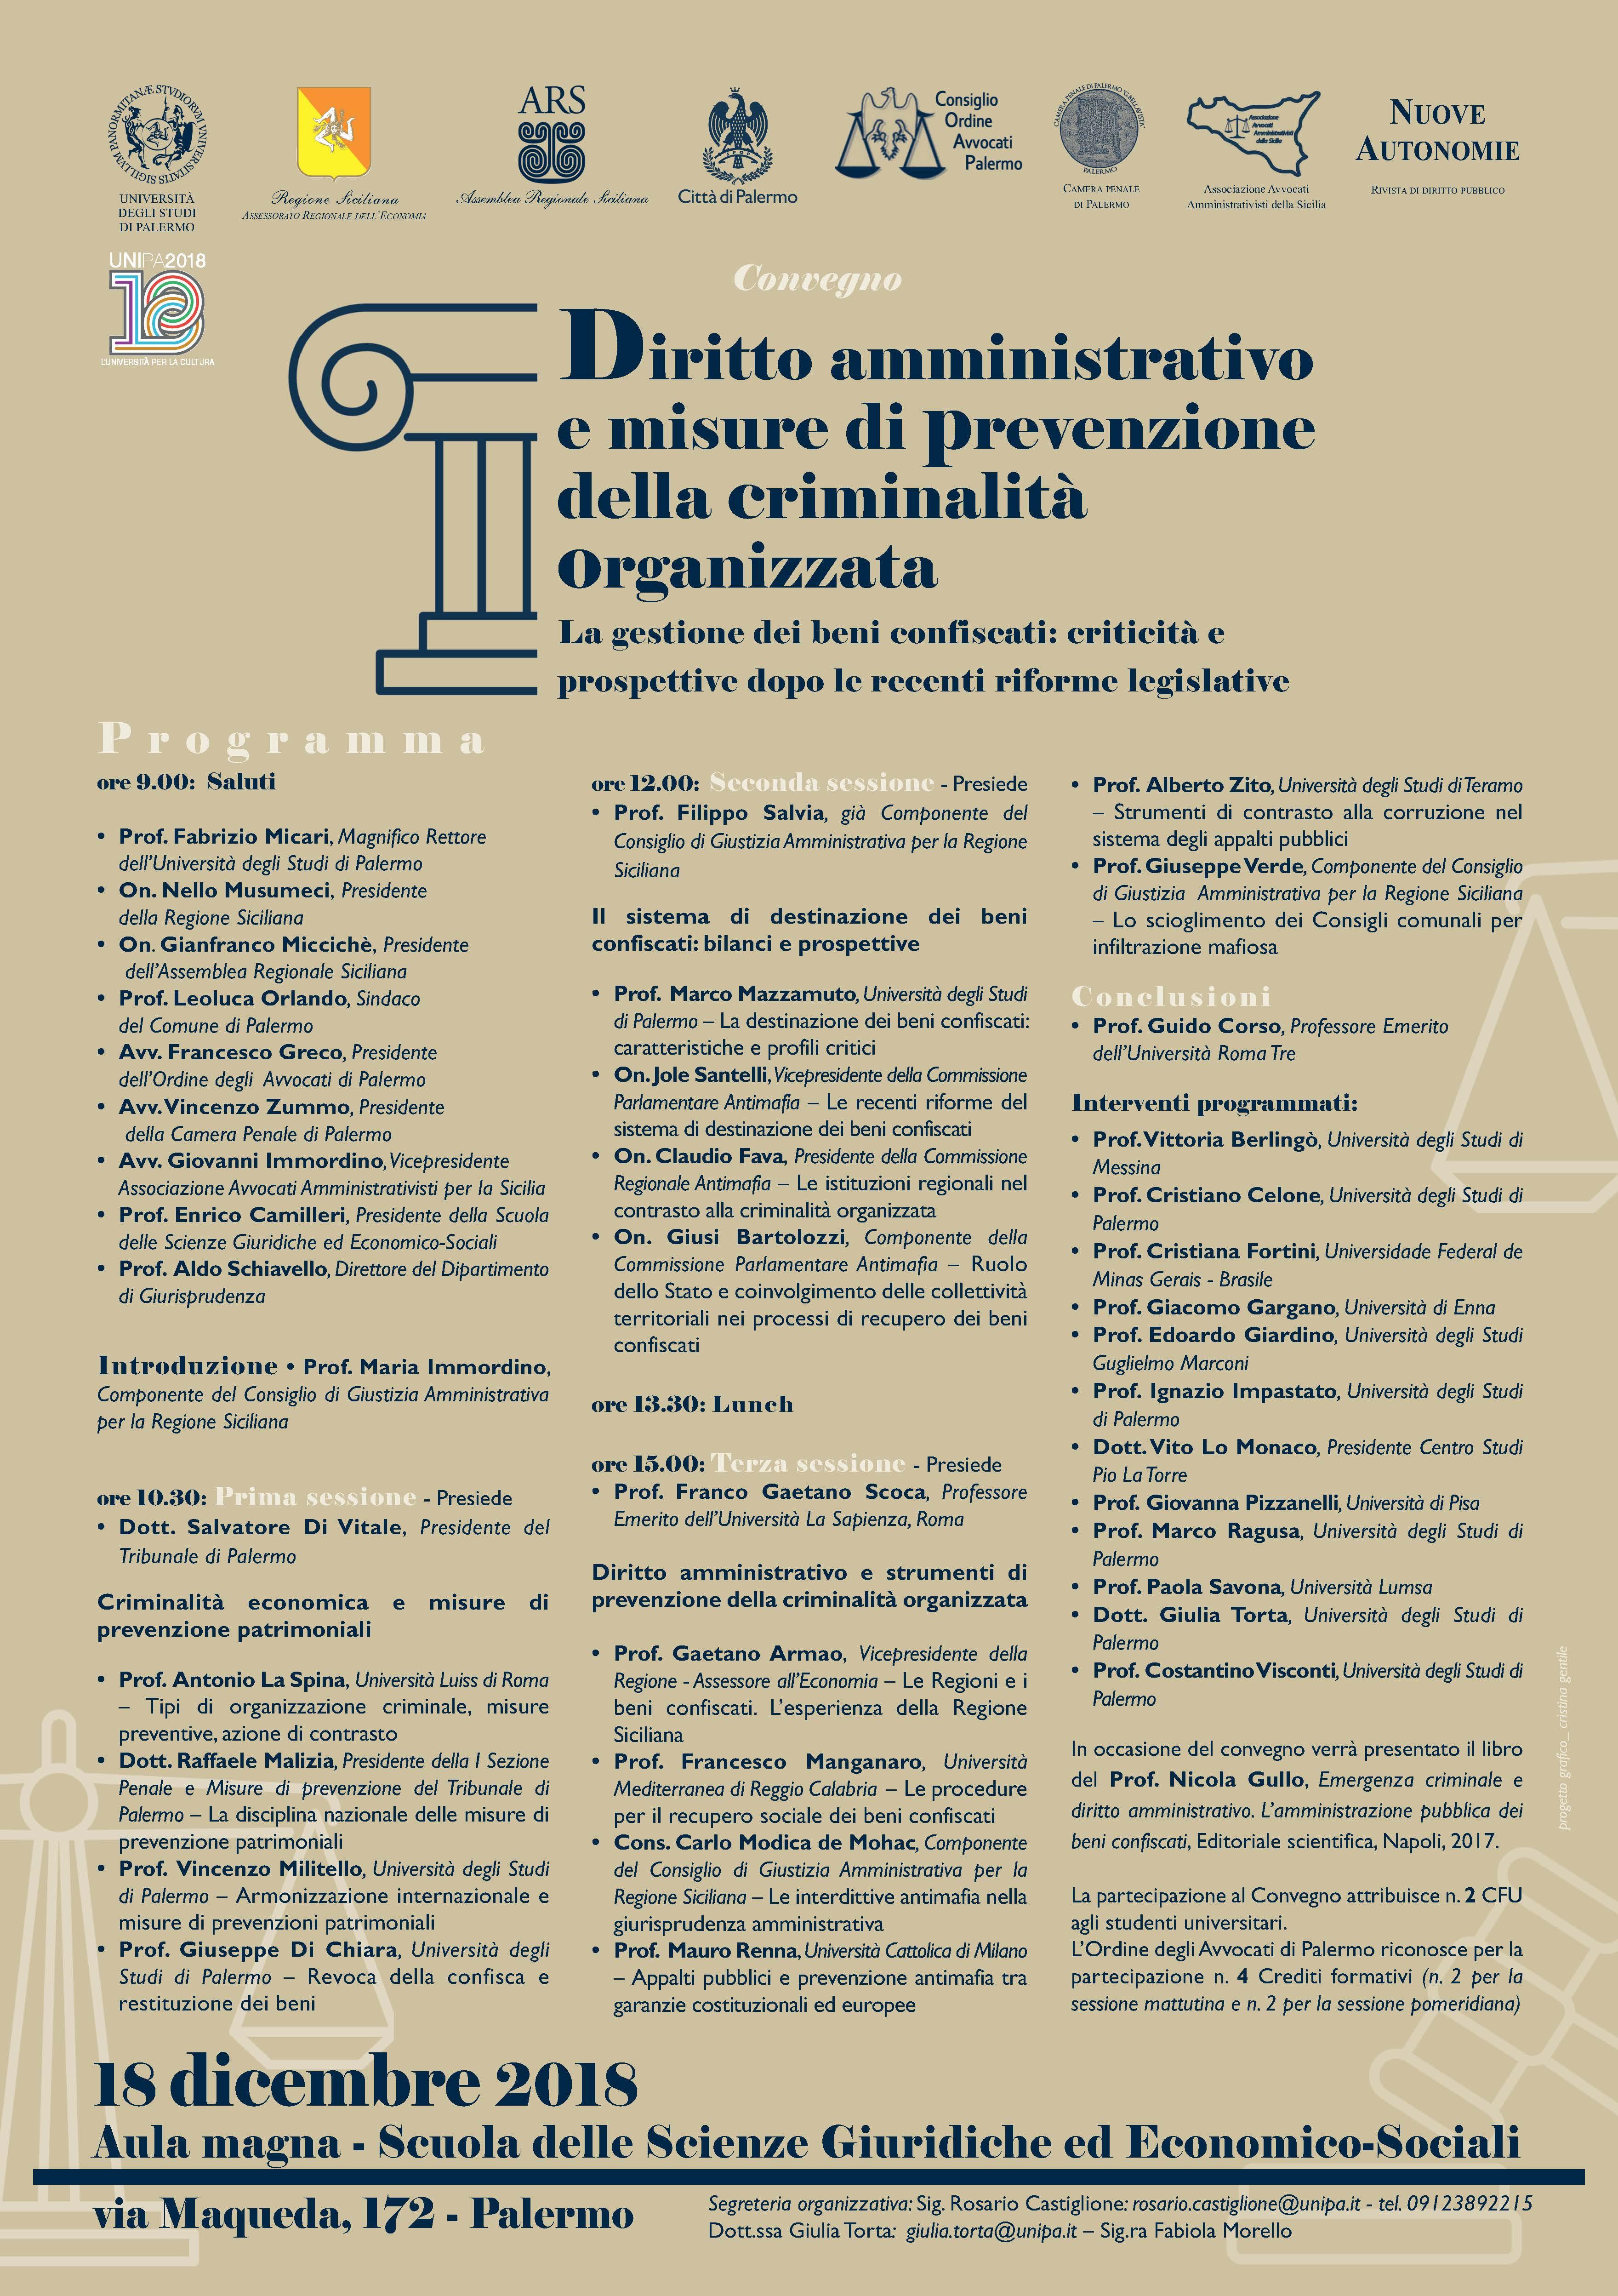 Locandina Convegno 18 dicembre 2018 Palermo